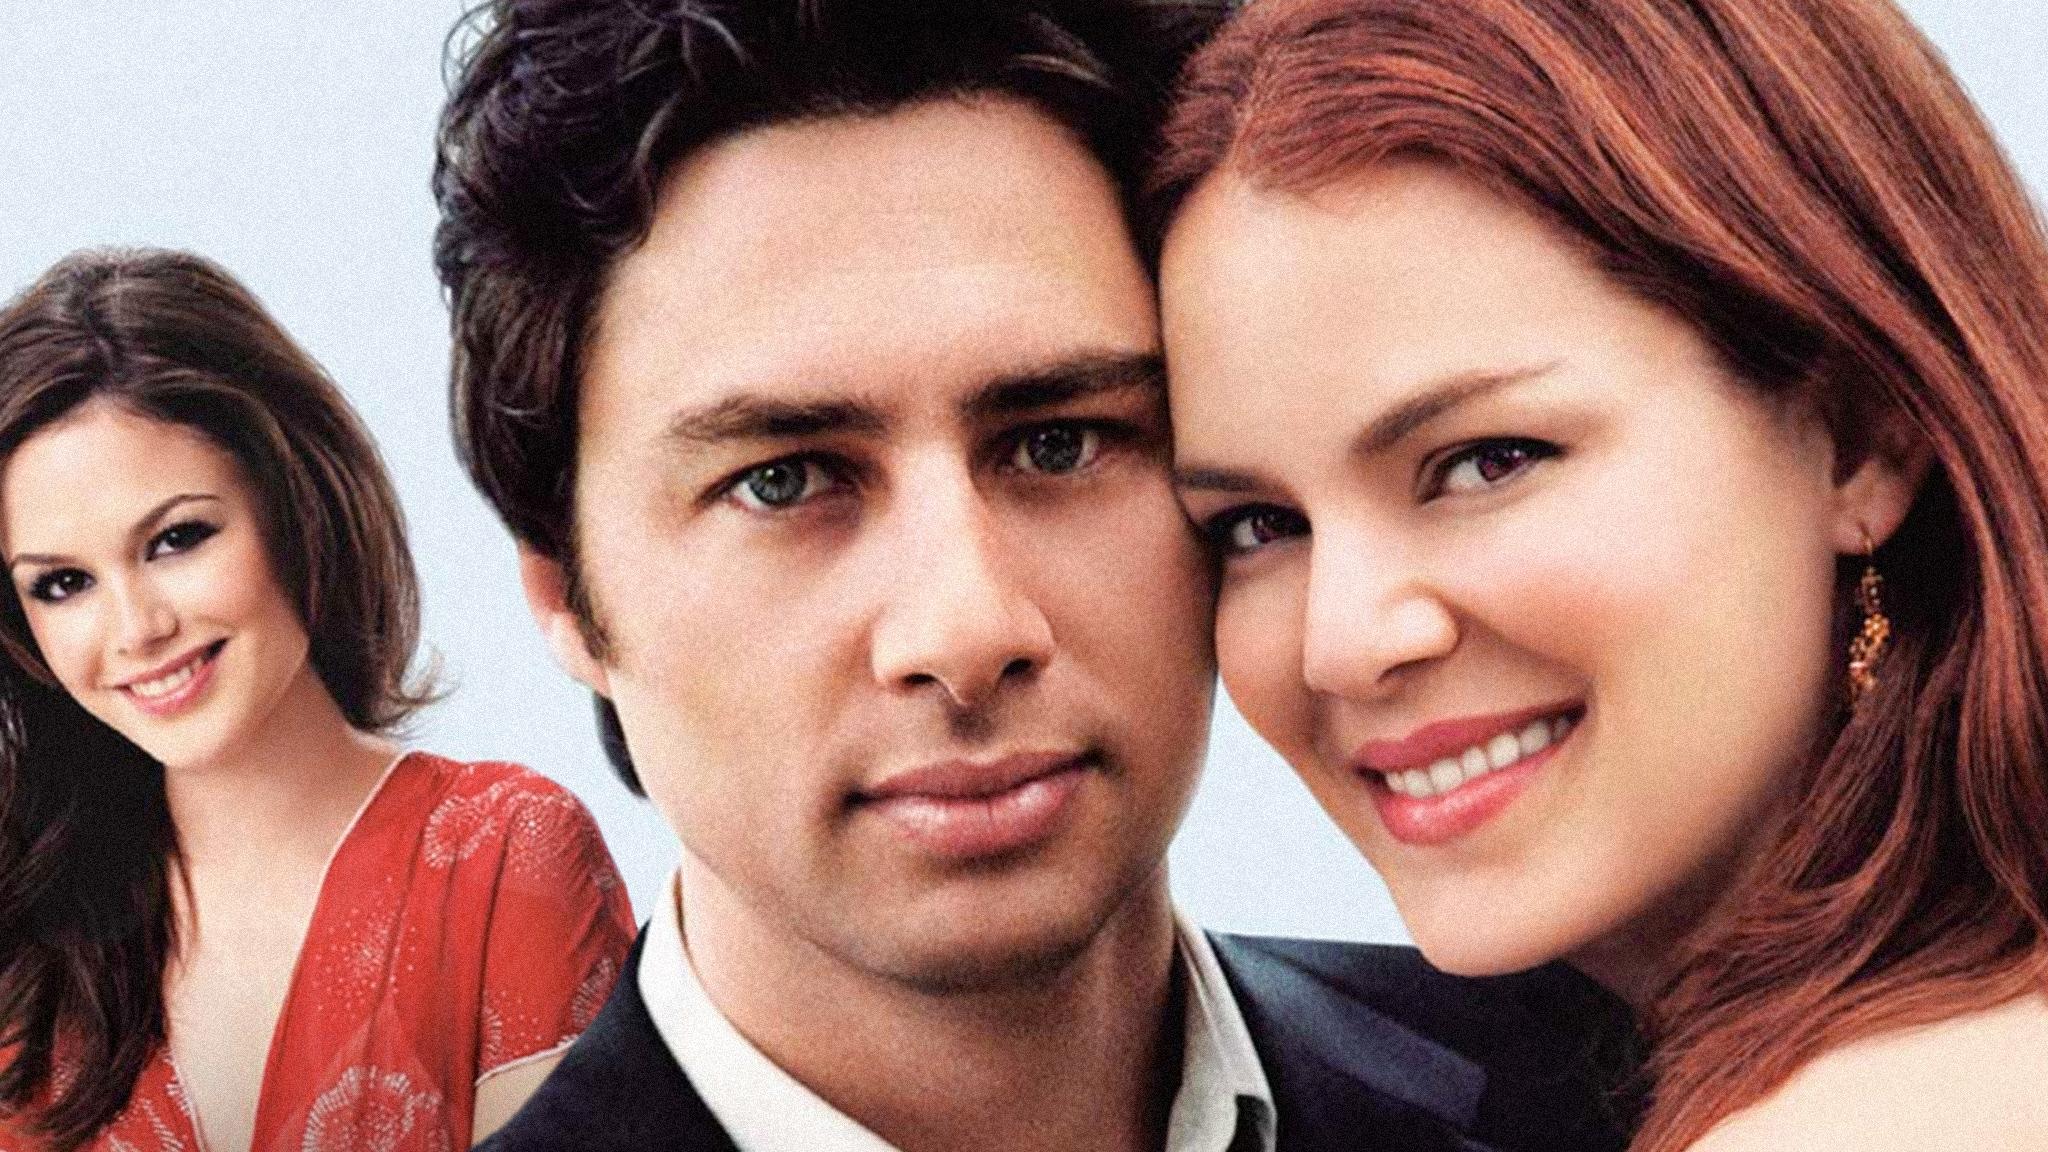 Rai Movie The Last Kiss